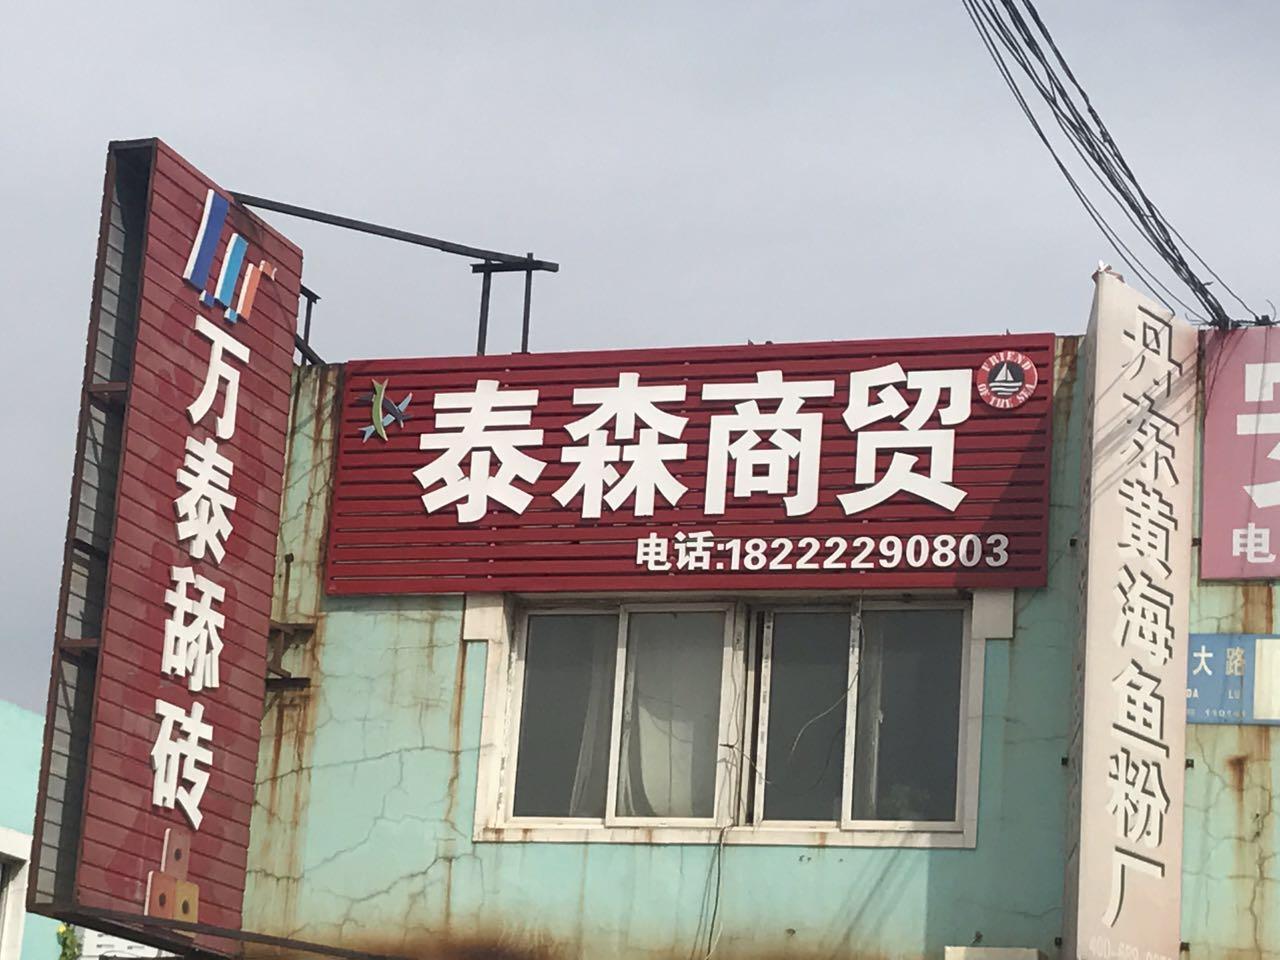 辽宁省沈阳市于洪区松花湖街